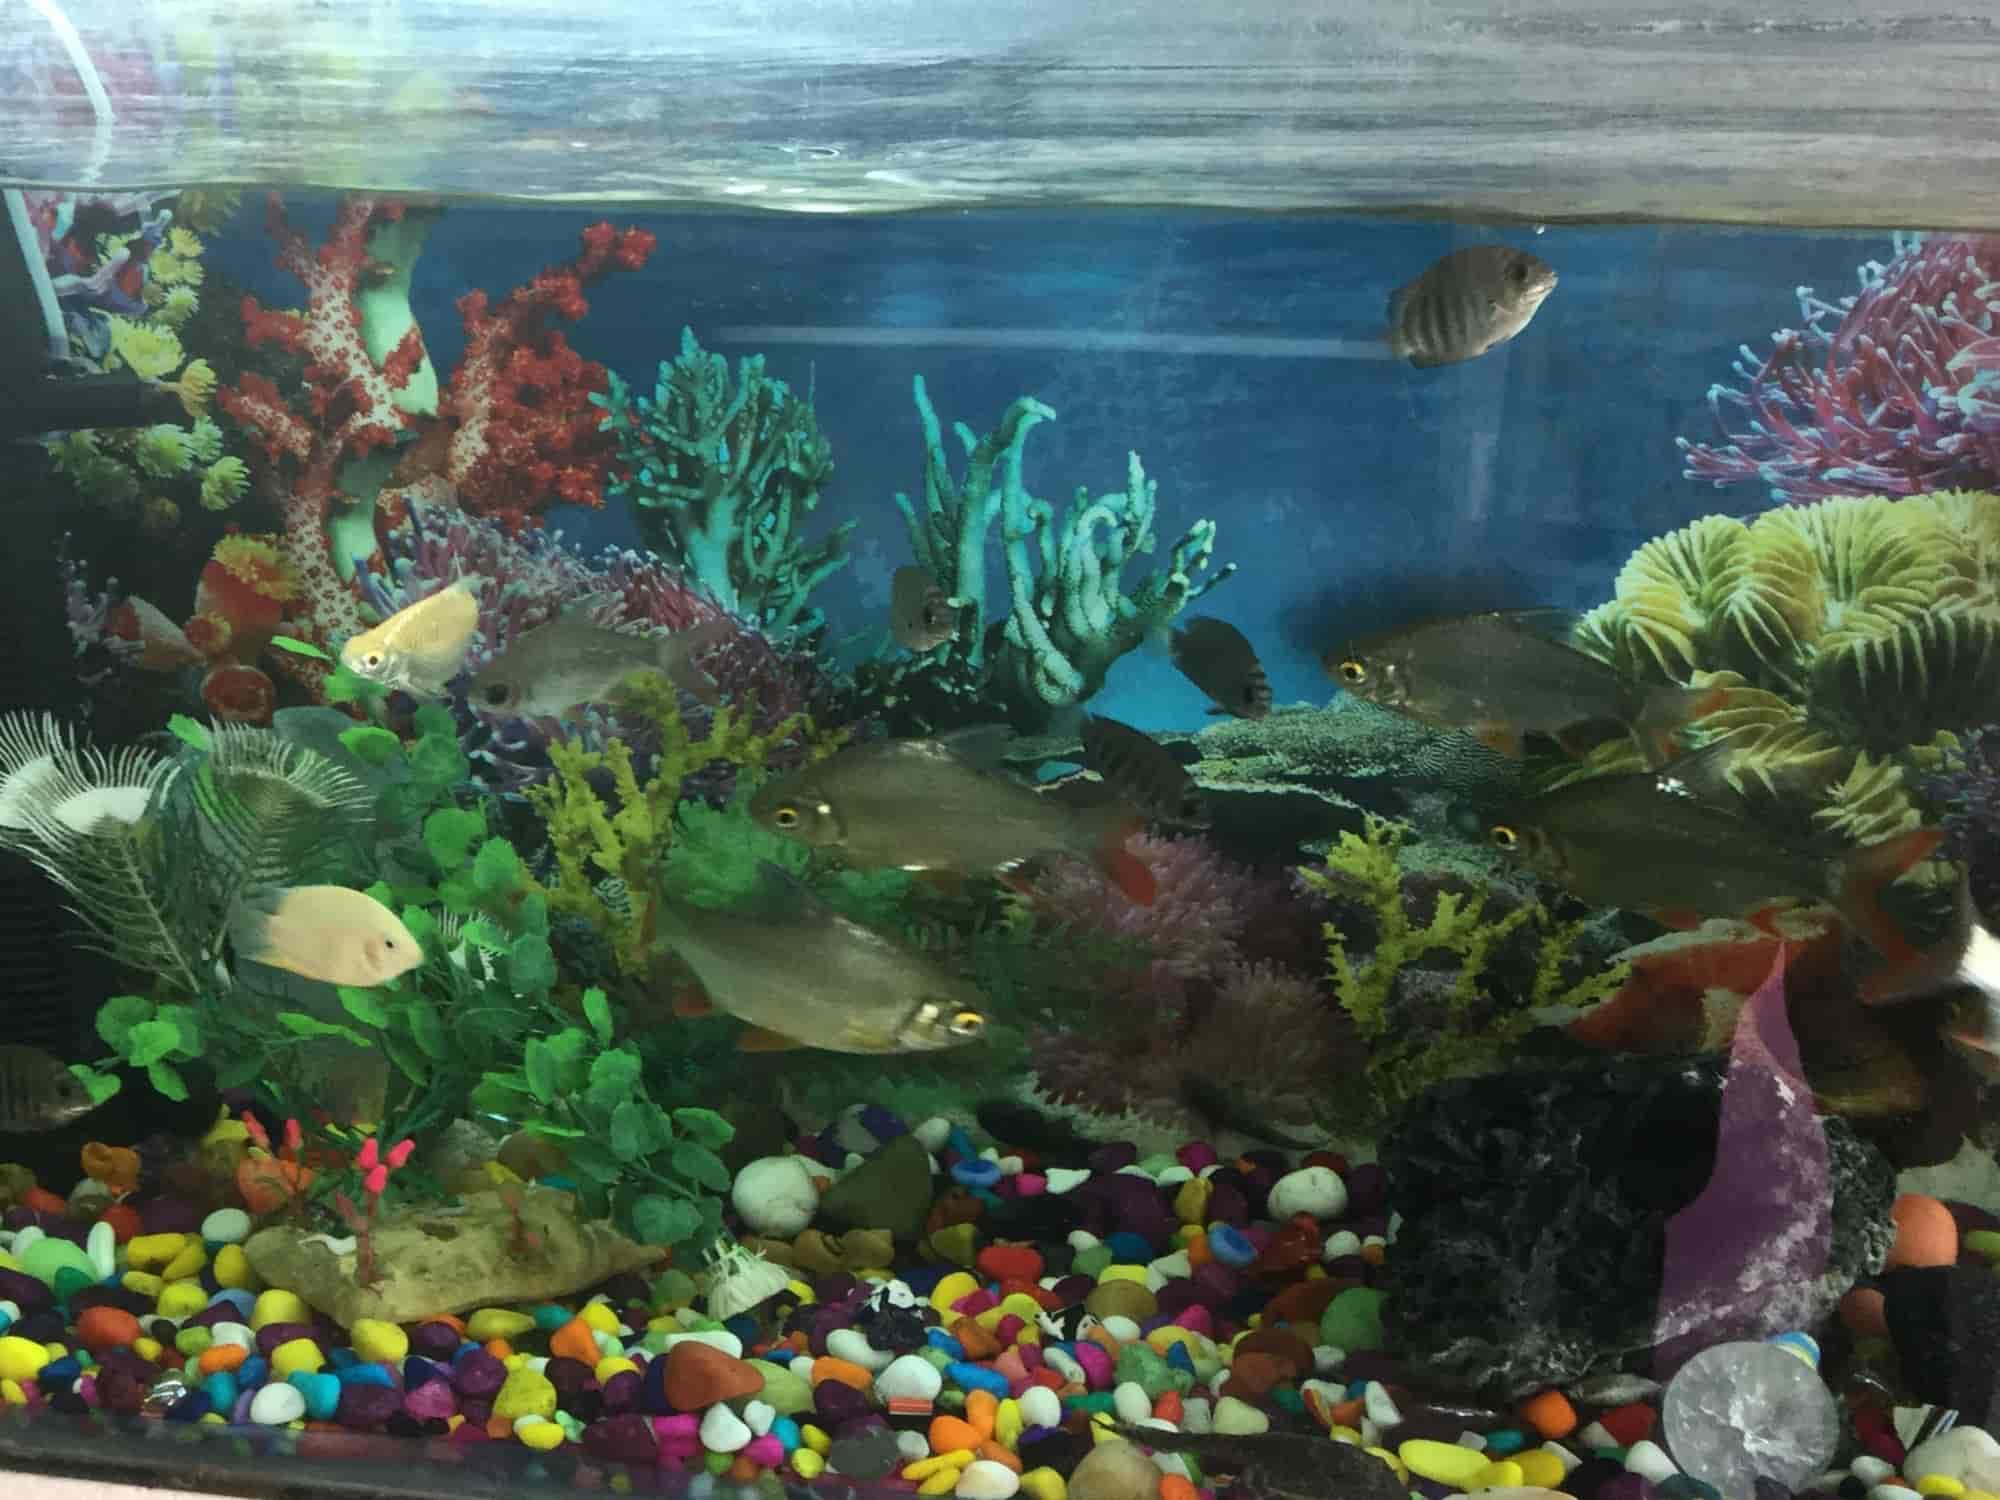 World Fish Aquarium & Pet Store Uttam Nagar Pet Shops in Delhi